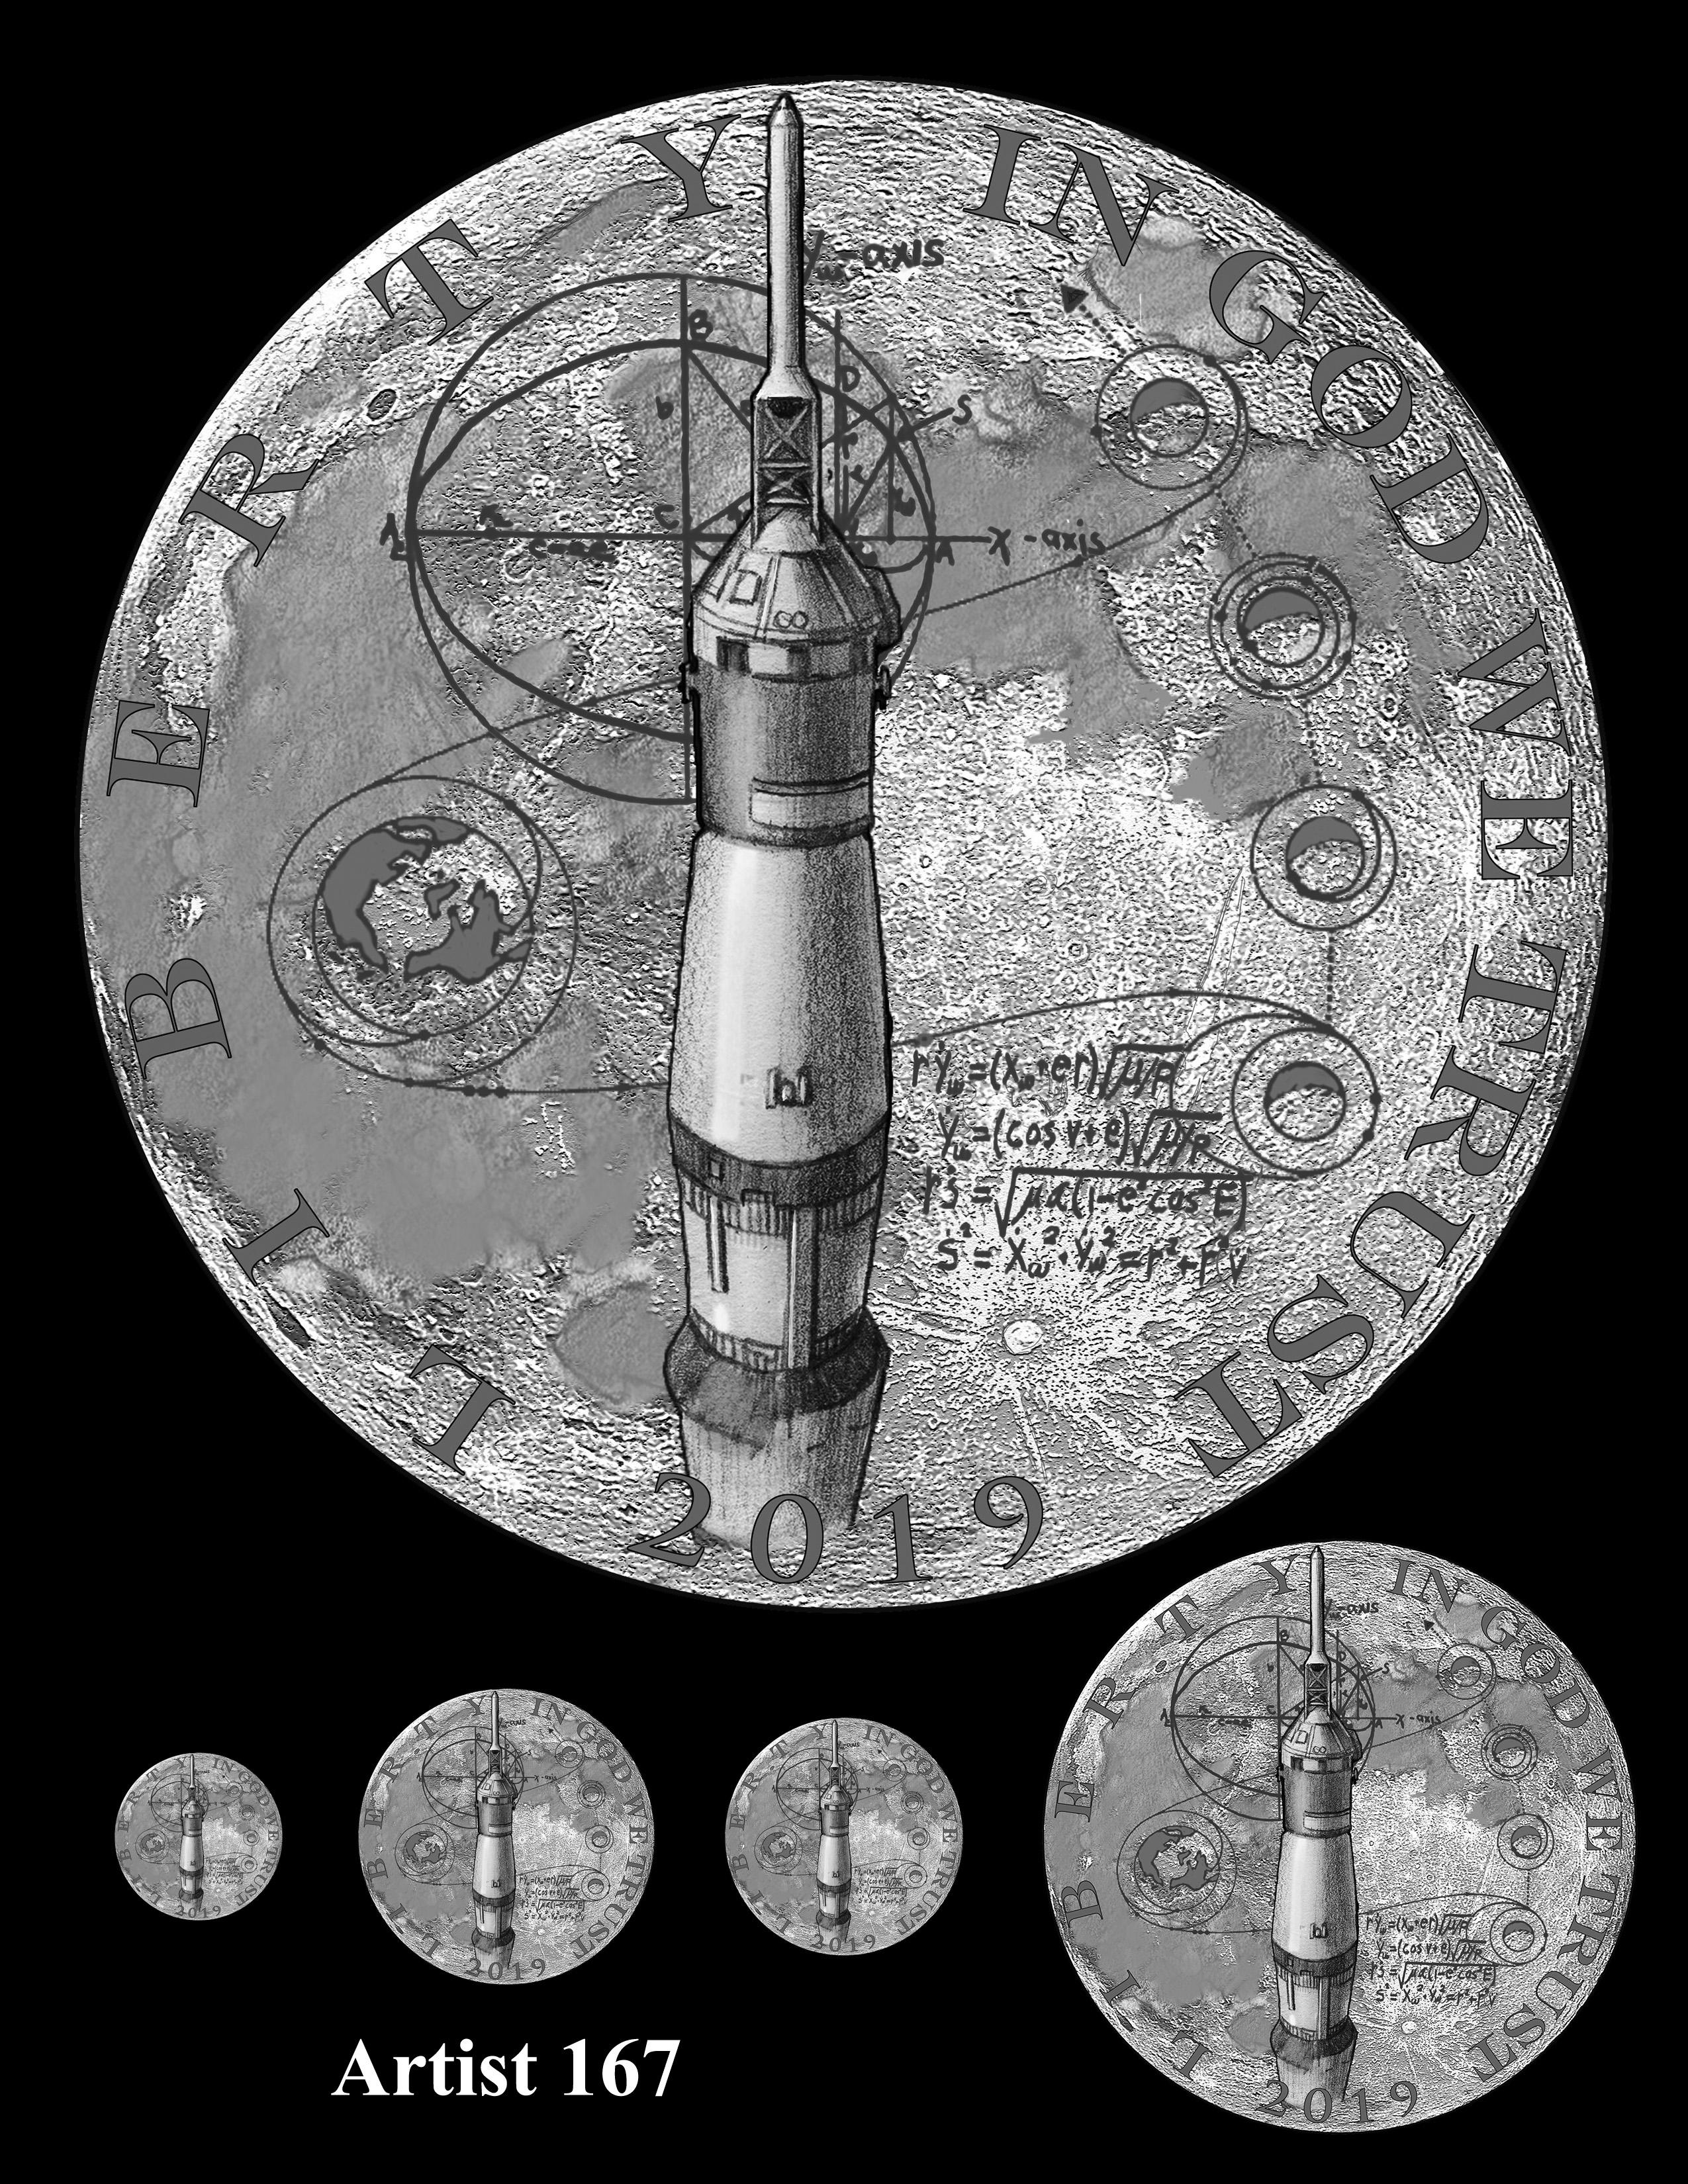 Artist 167 -- Apollo 11 50th Anniversary Commemorative Coin Obverse Design Competition